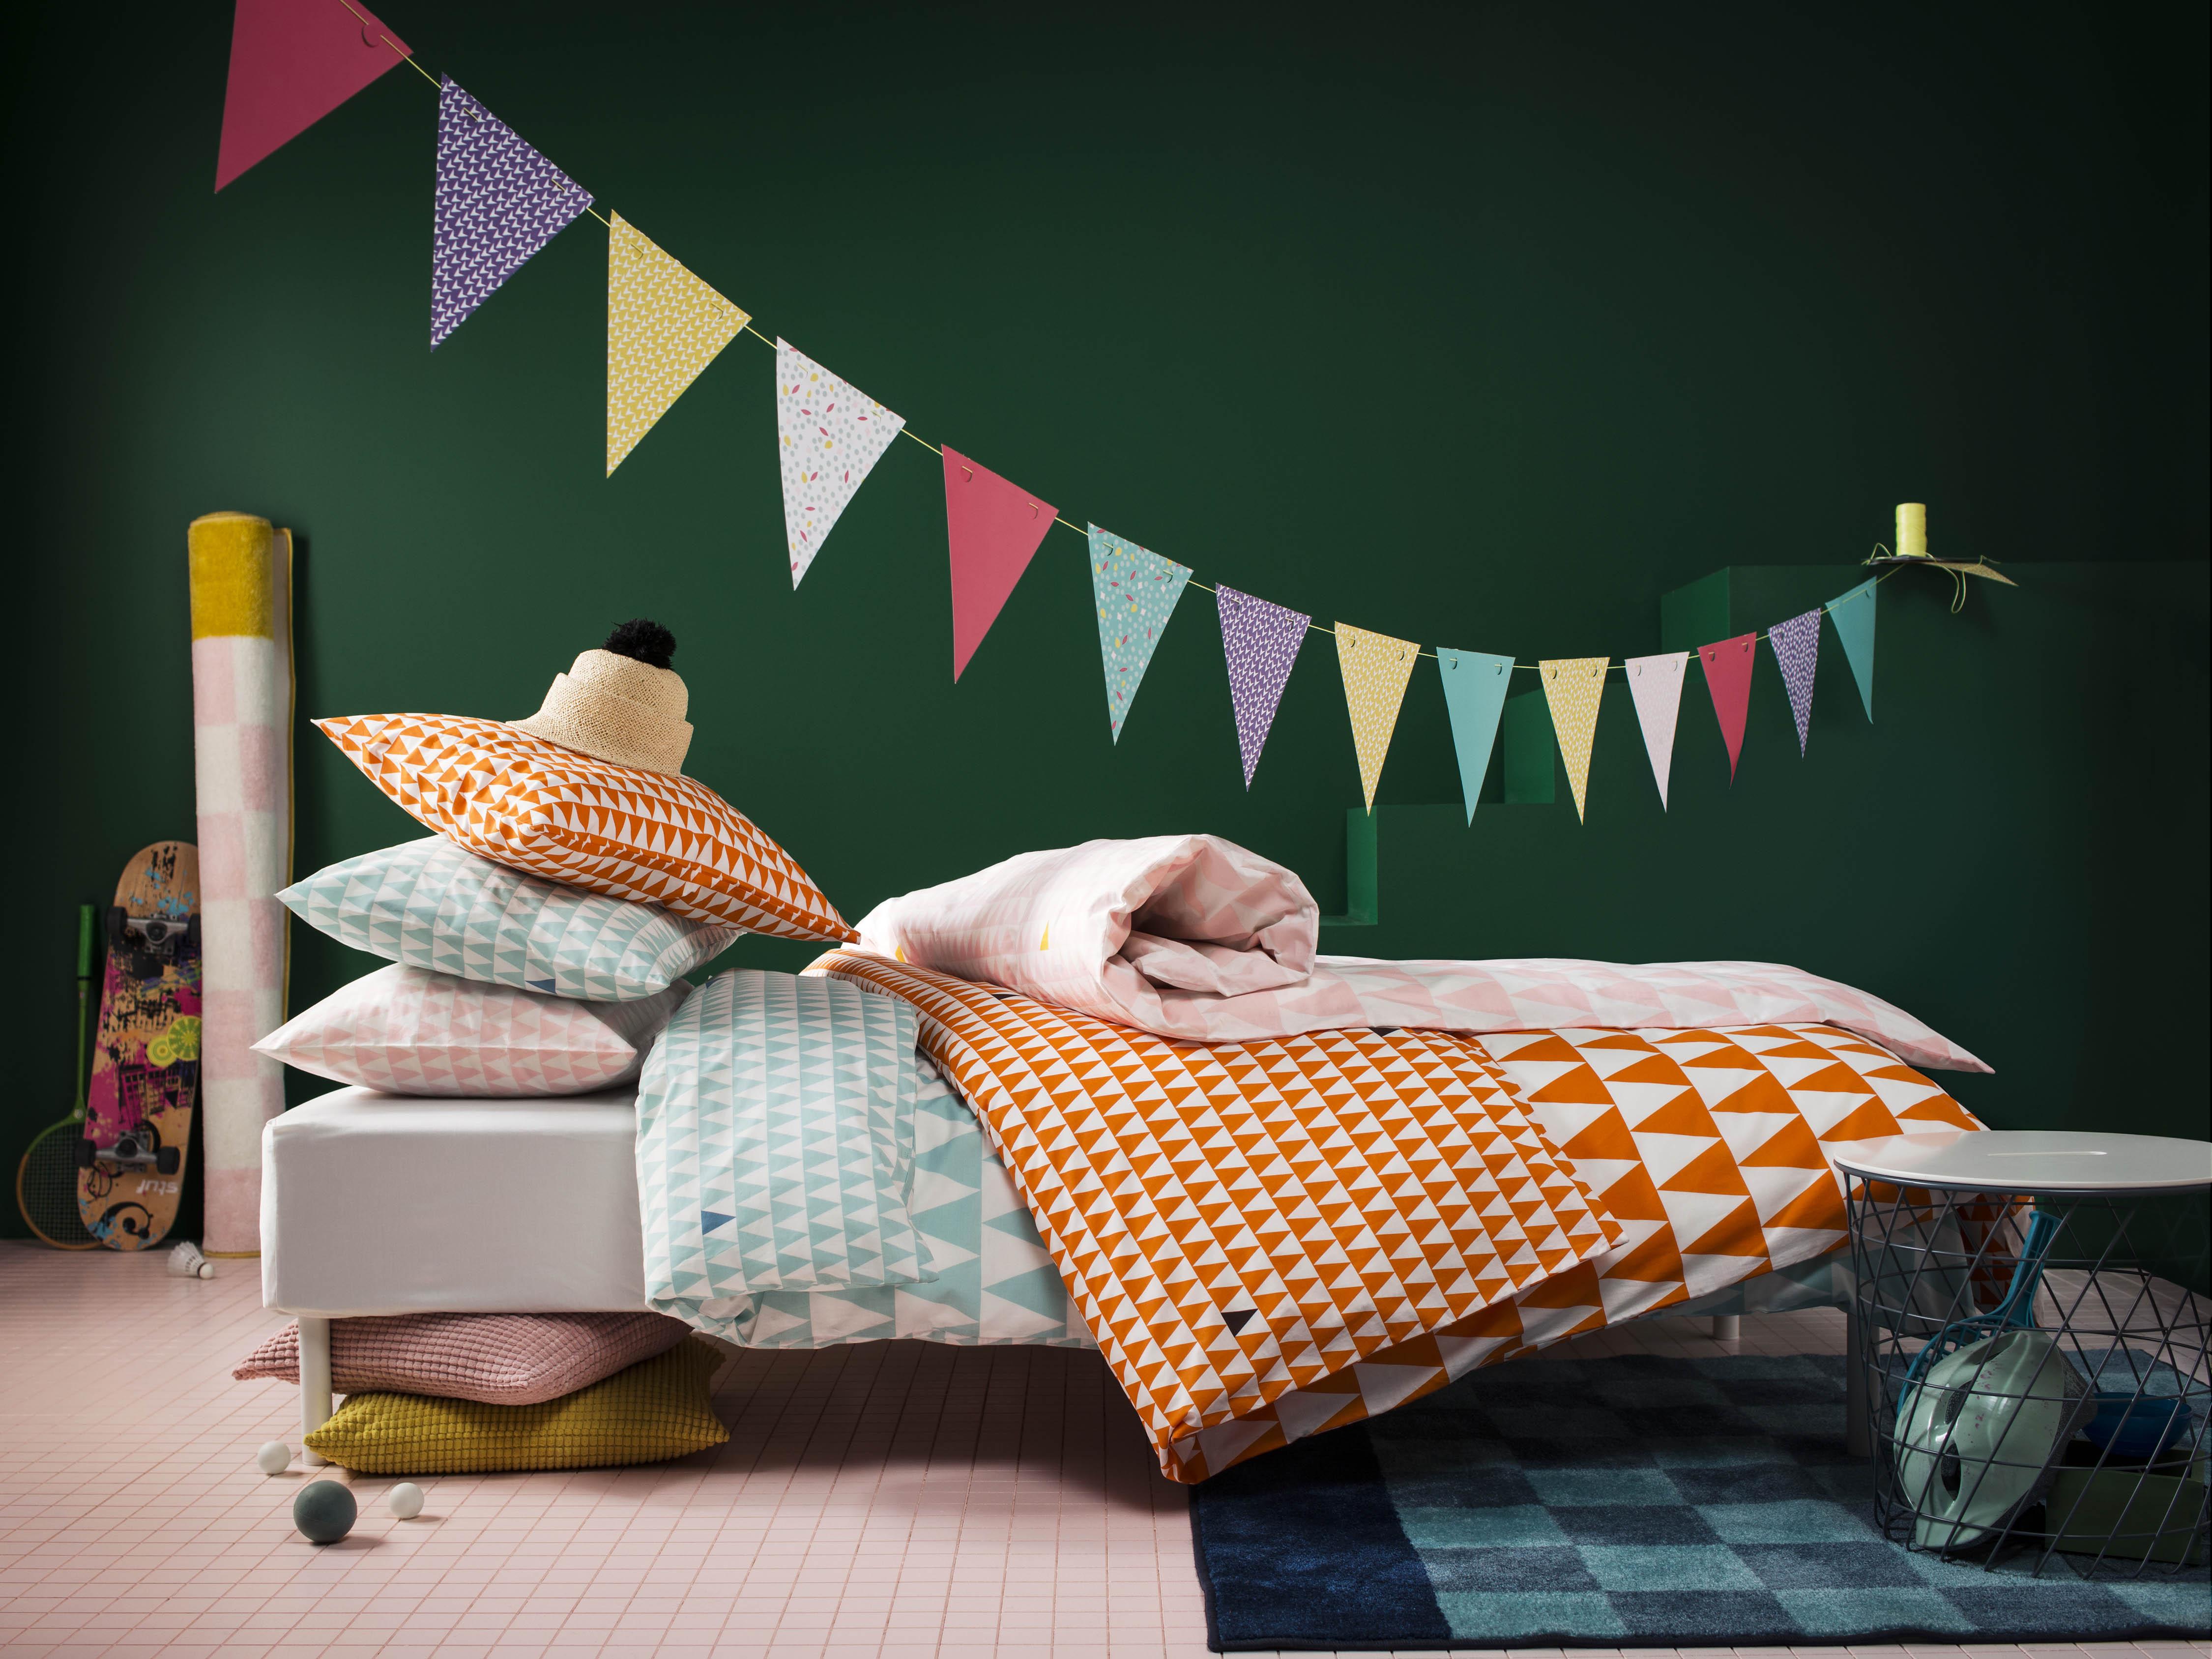 Kids | De leukste slaapfeestjes en kinderpartijtjes - StijlvolMamablog.nl